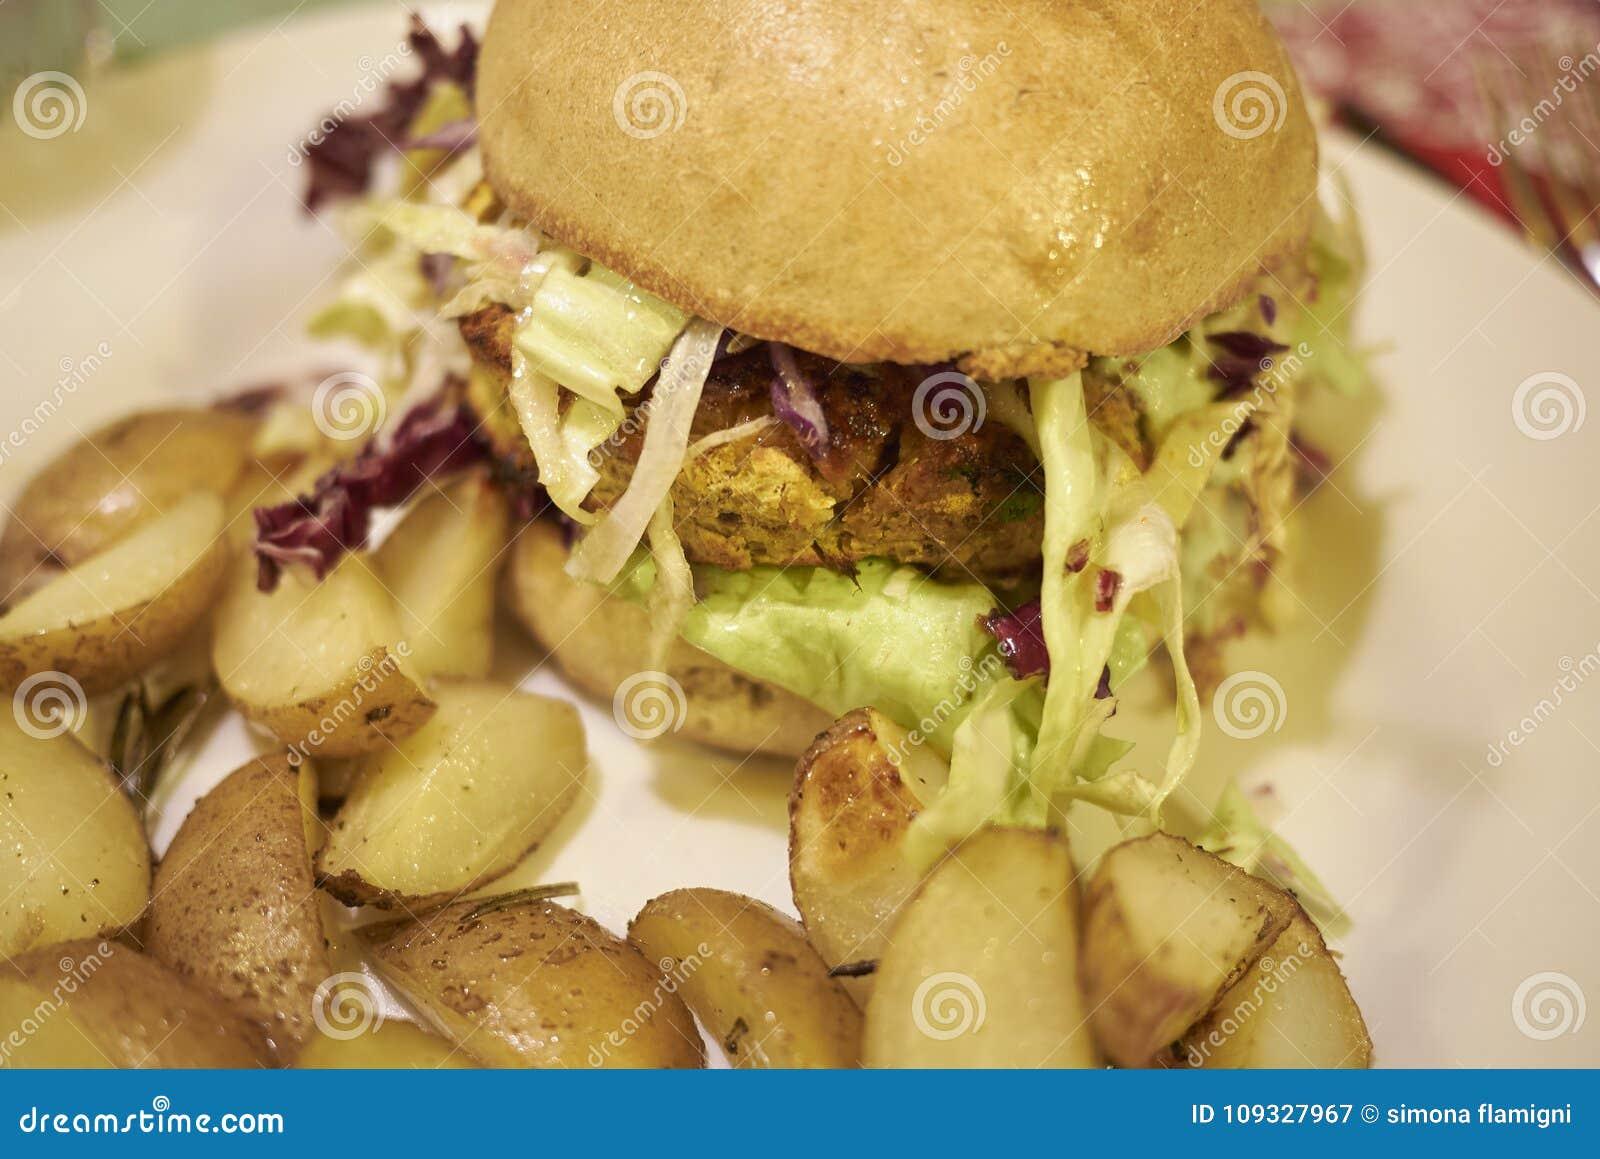 素食汉堡用烤土豆